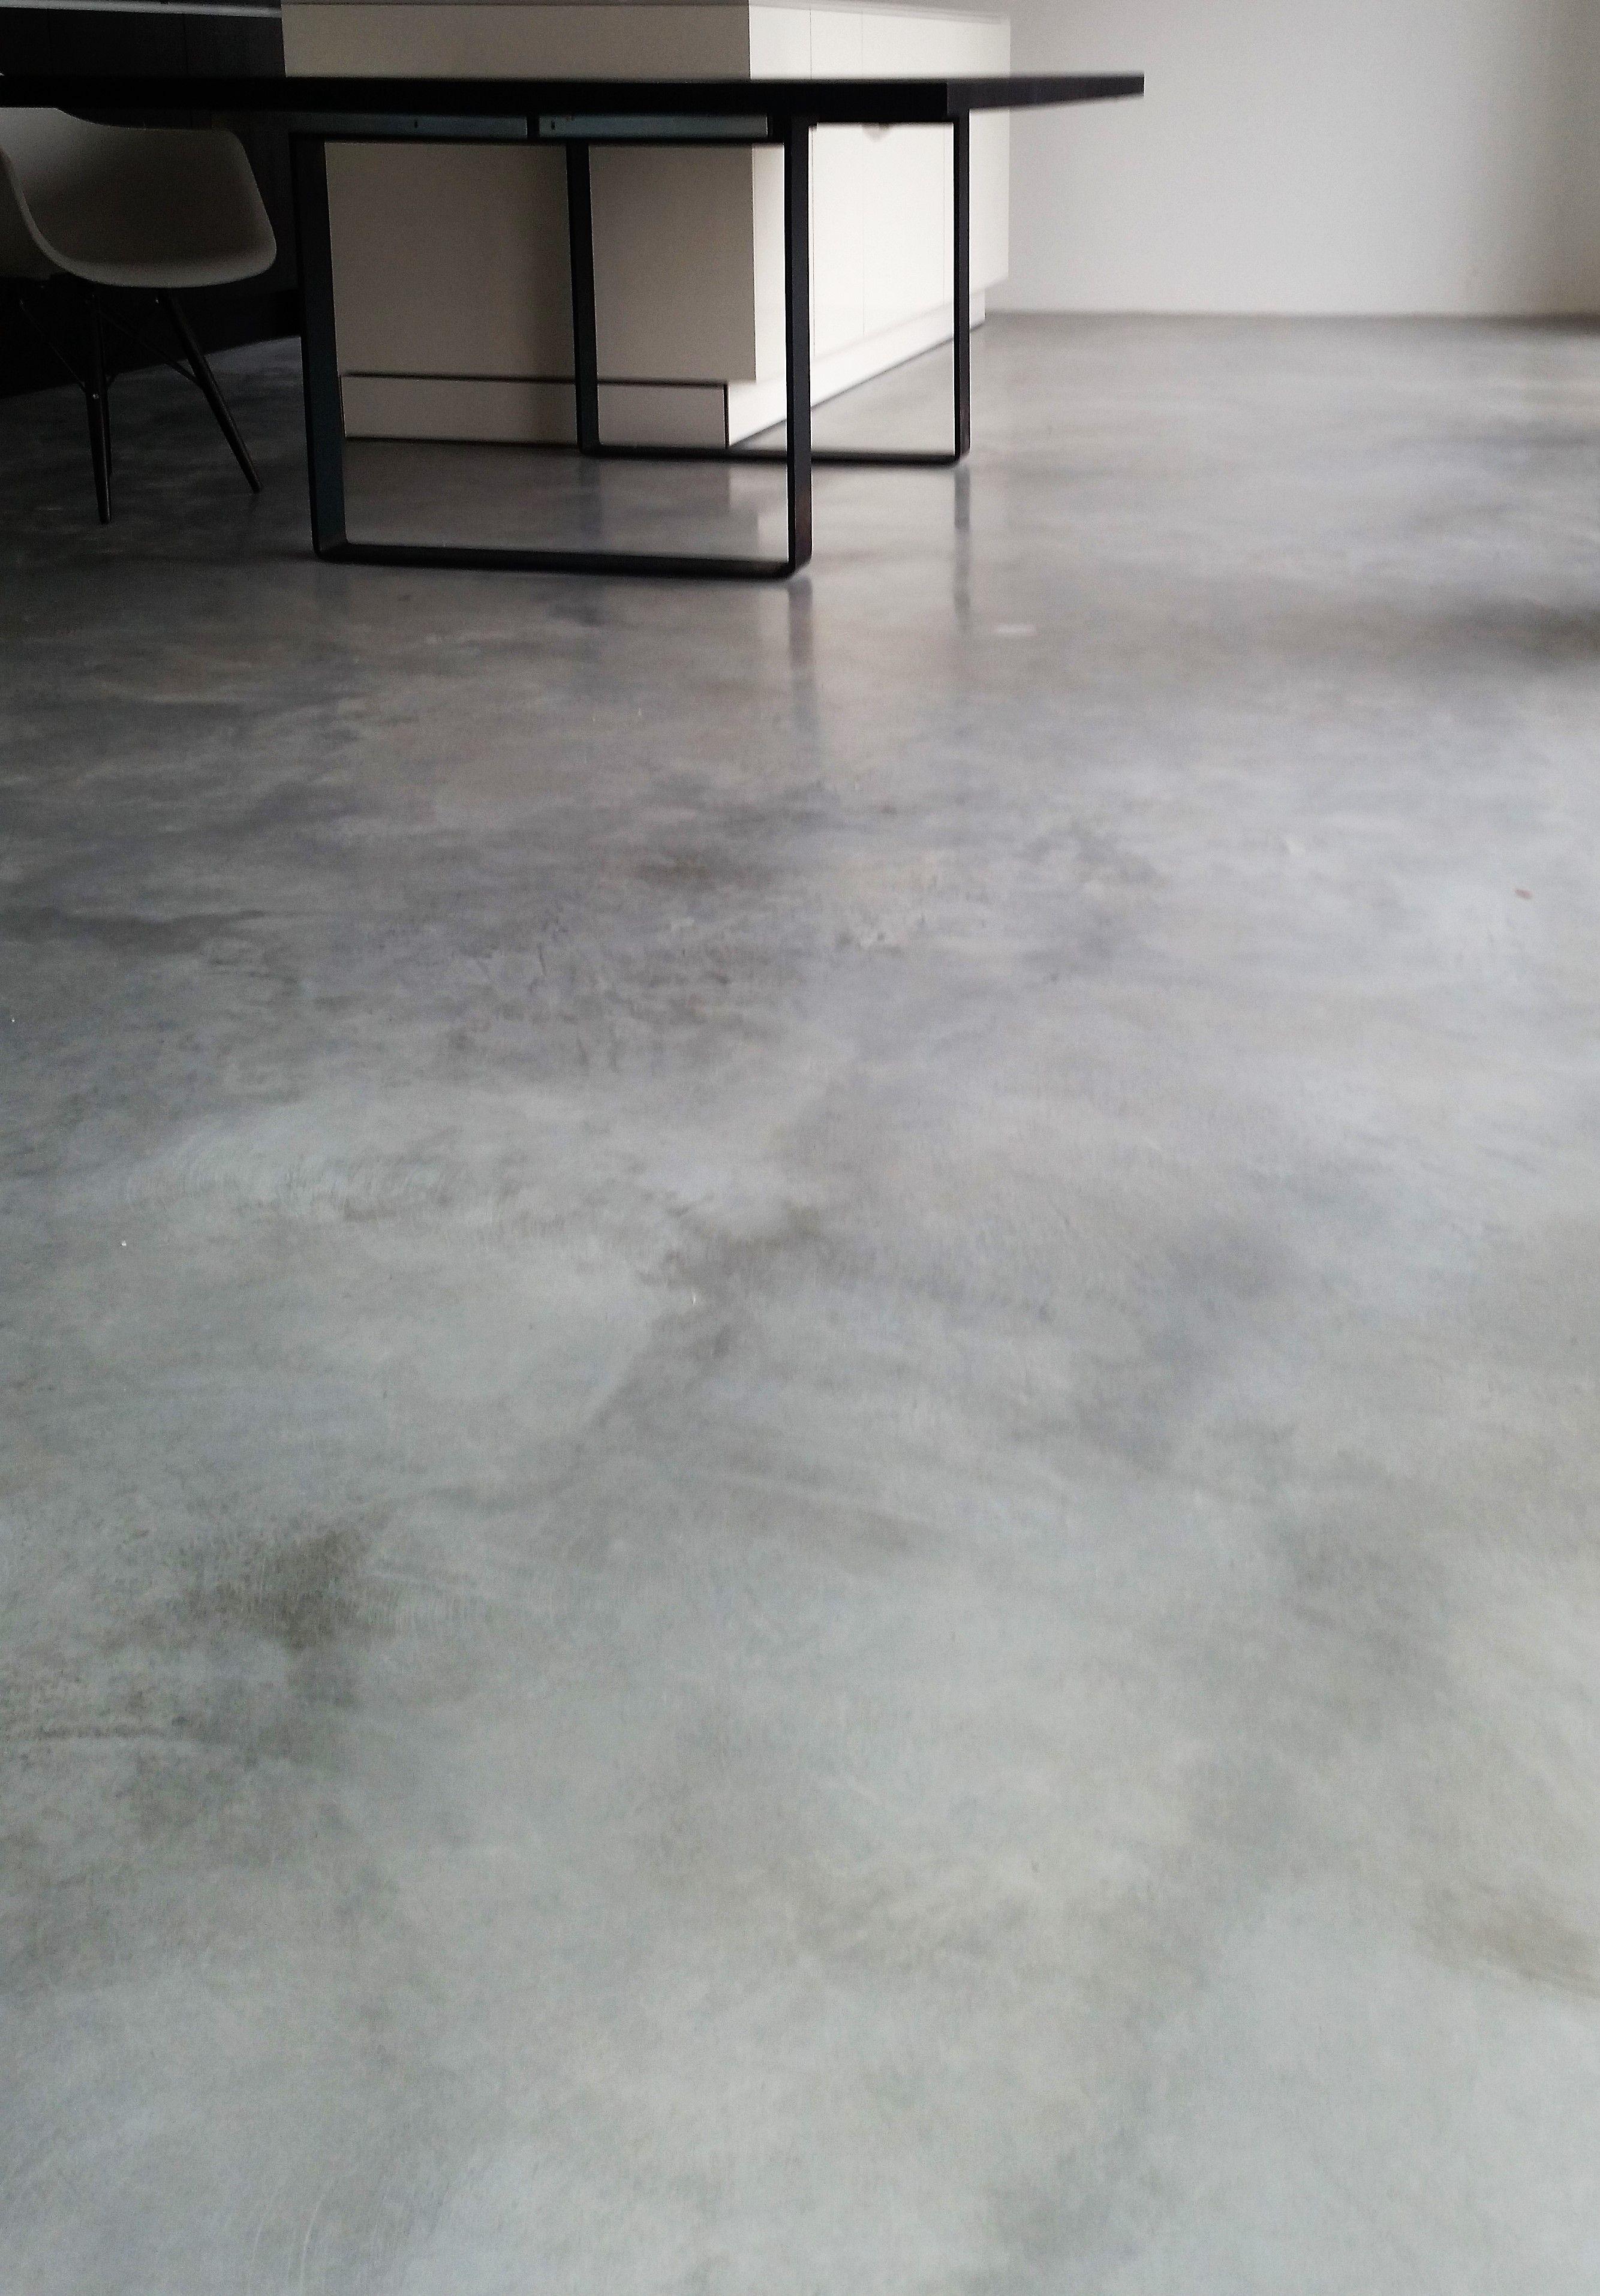 Betonboden Von Wohnbeton Sichtbeton Anstelle Von Estrich Als Fertiger Fussboden Www Wohnbeton Info Immer Ein Unikat Betonboden Design Fussboden Haus Boden